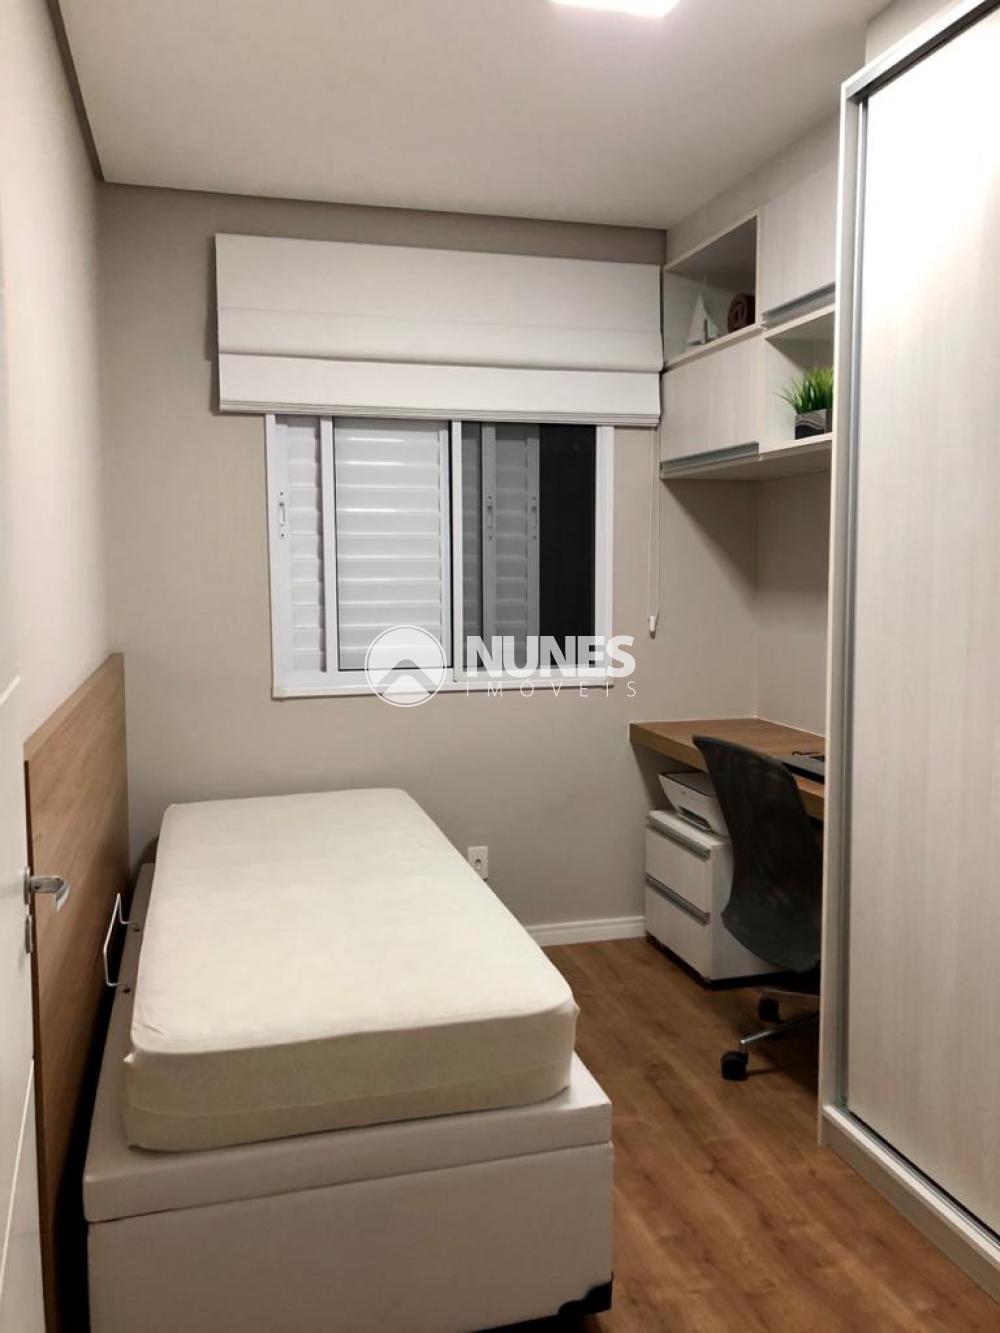 Comprar Apartamento / Padrão em Osasco R$ 250.000,00 - Foto 9